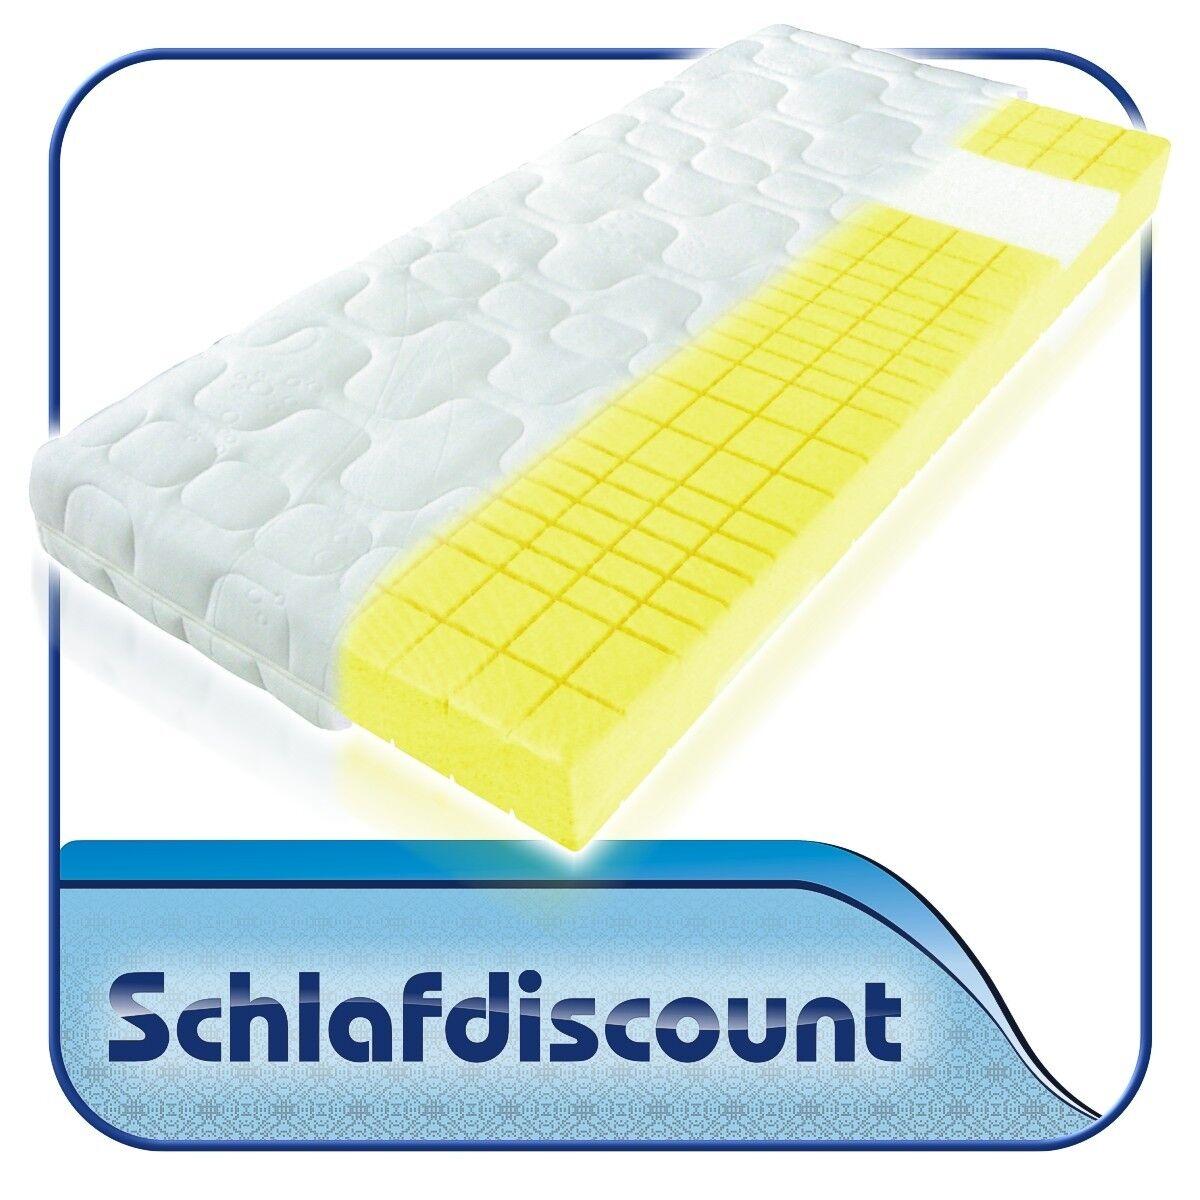 7-Zonen KaltschaummatratzeH4 -Visco-Schulterzone- für Seitenschläfer  120x200cm